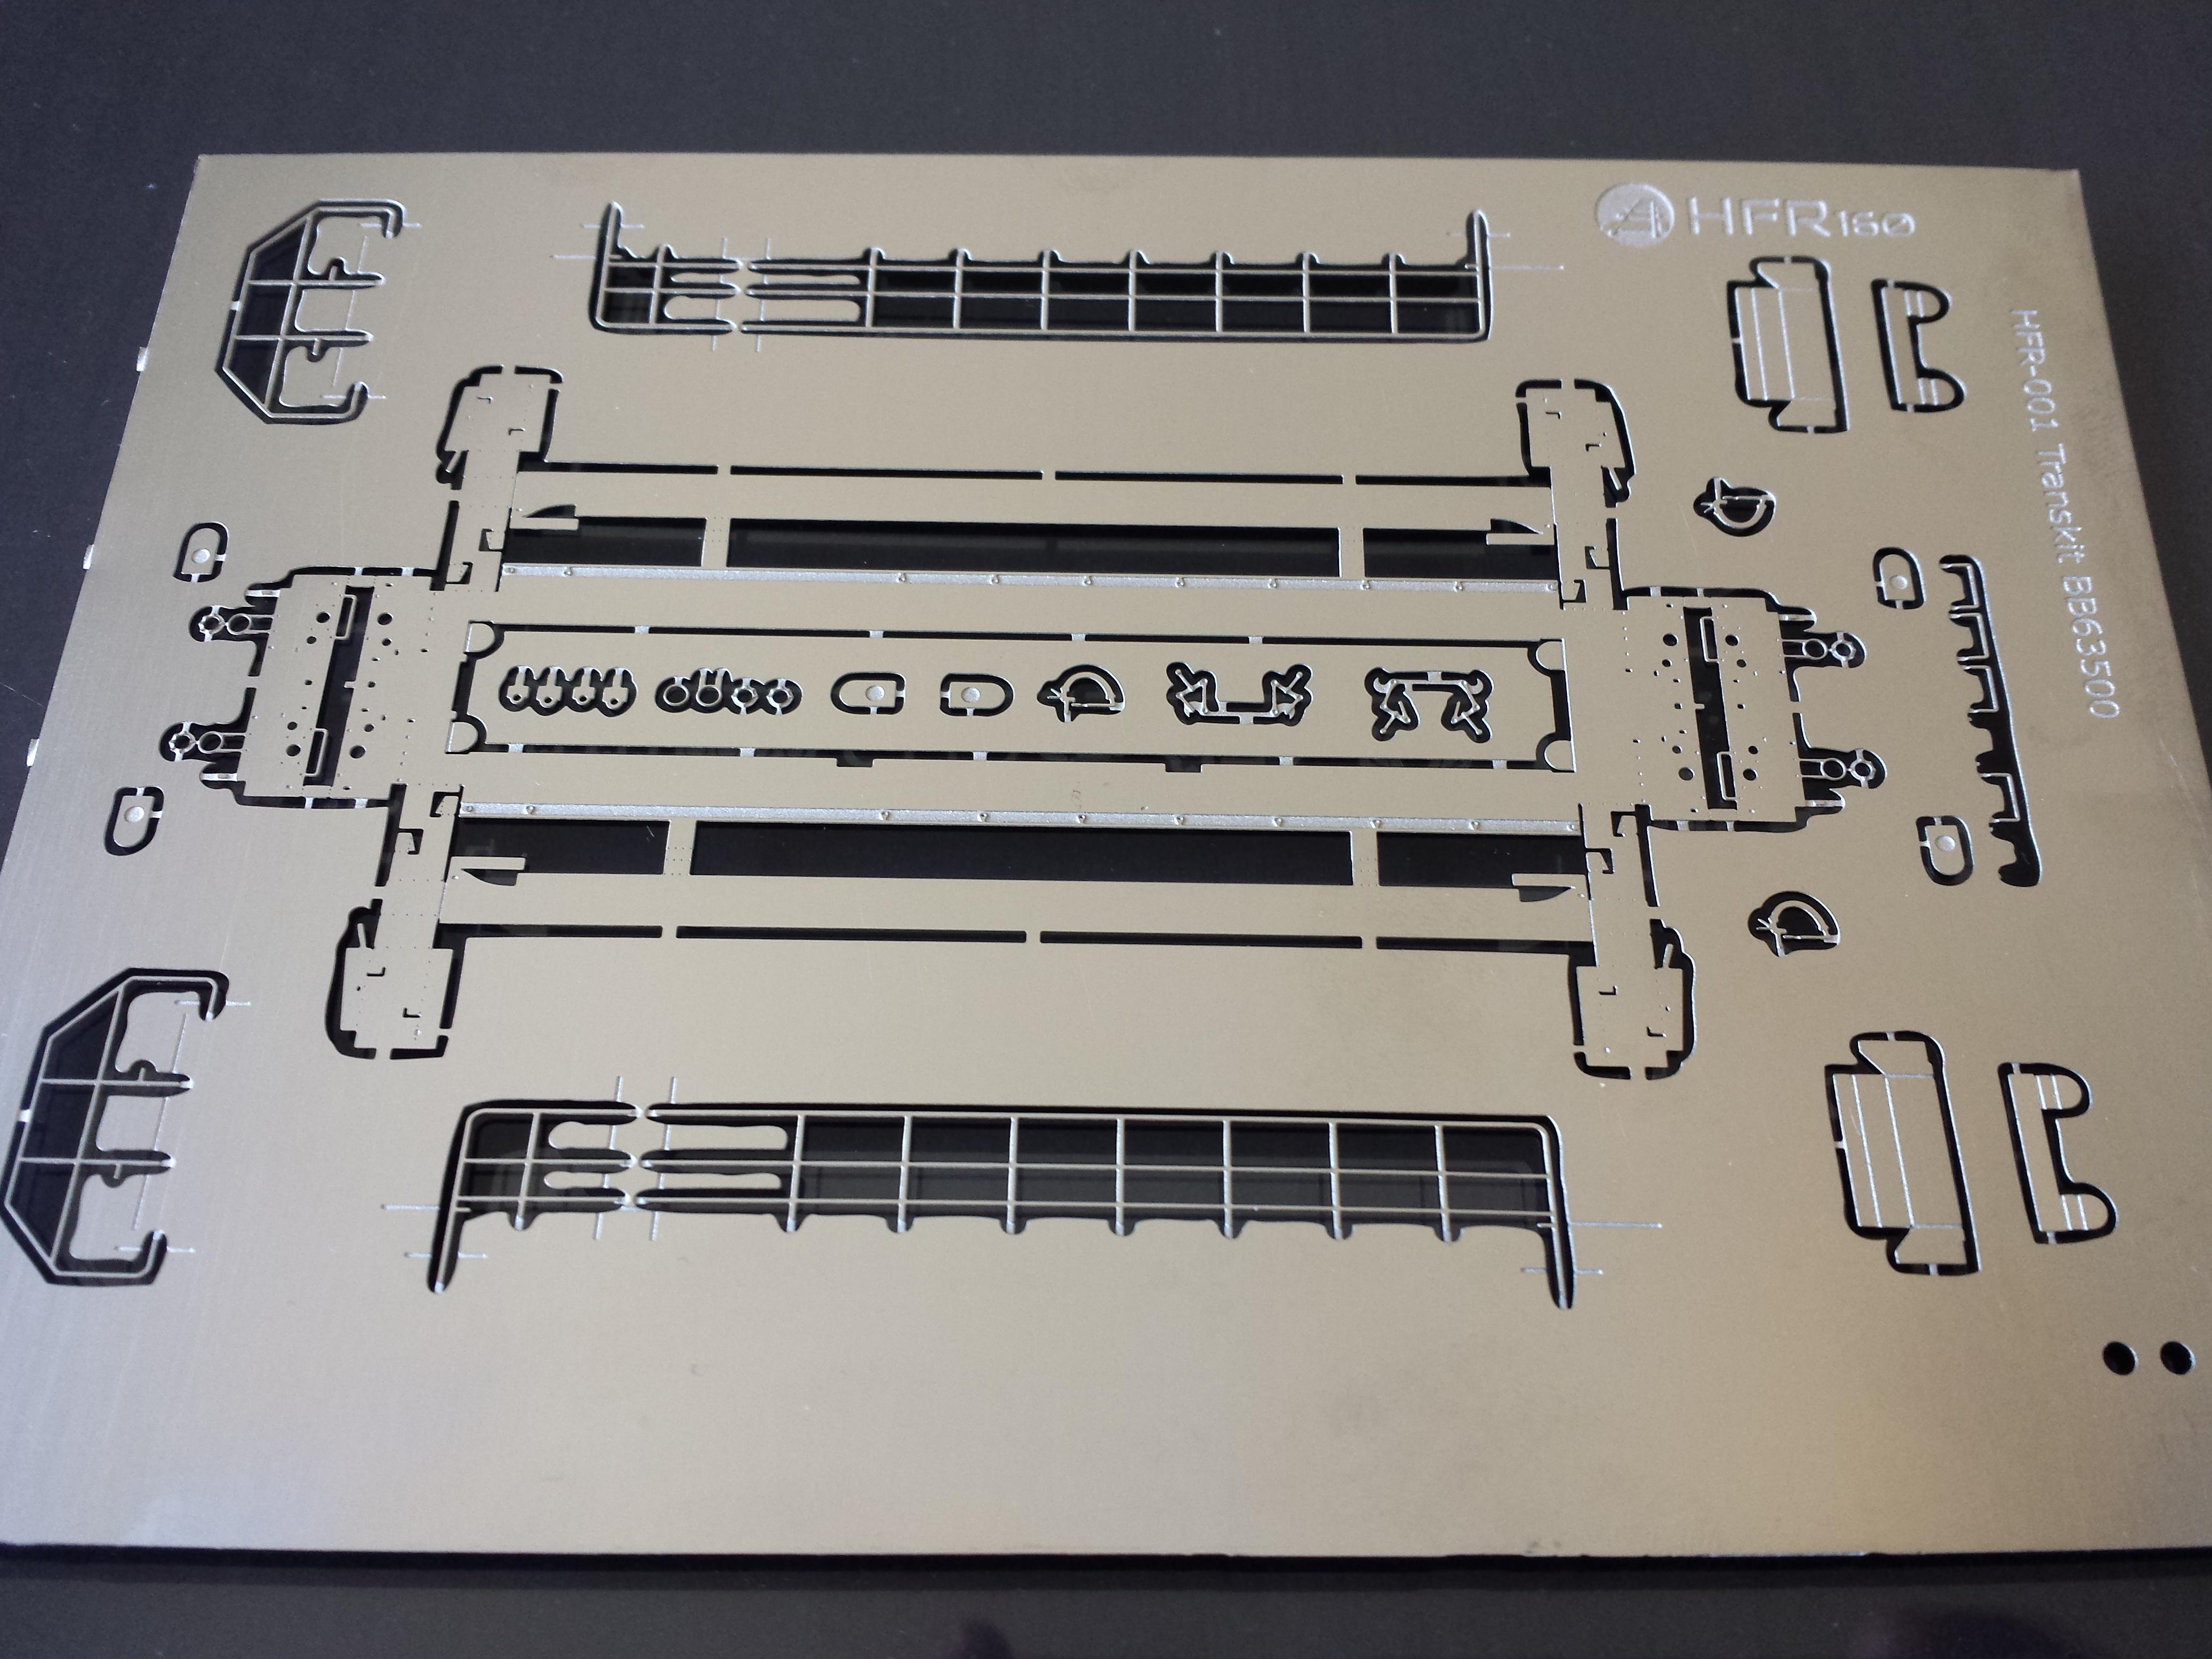 [HFR160] HFR-010 transkit BB63500 HFR-001